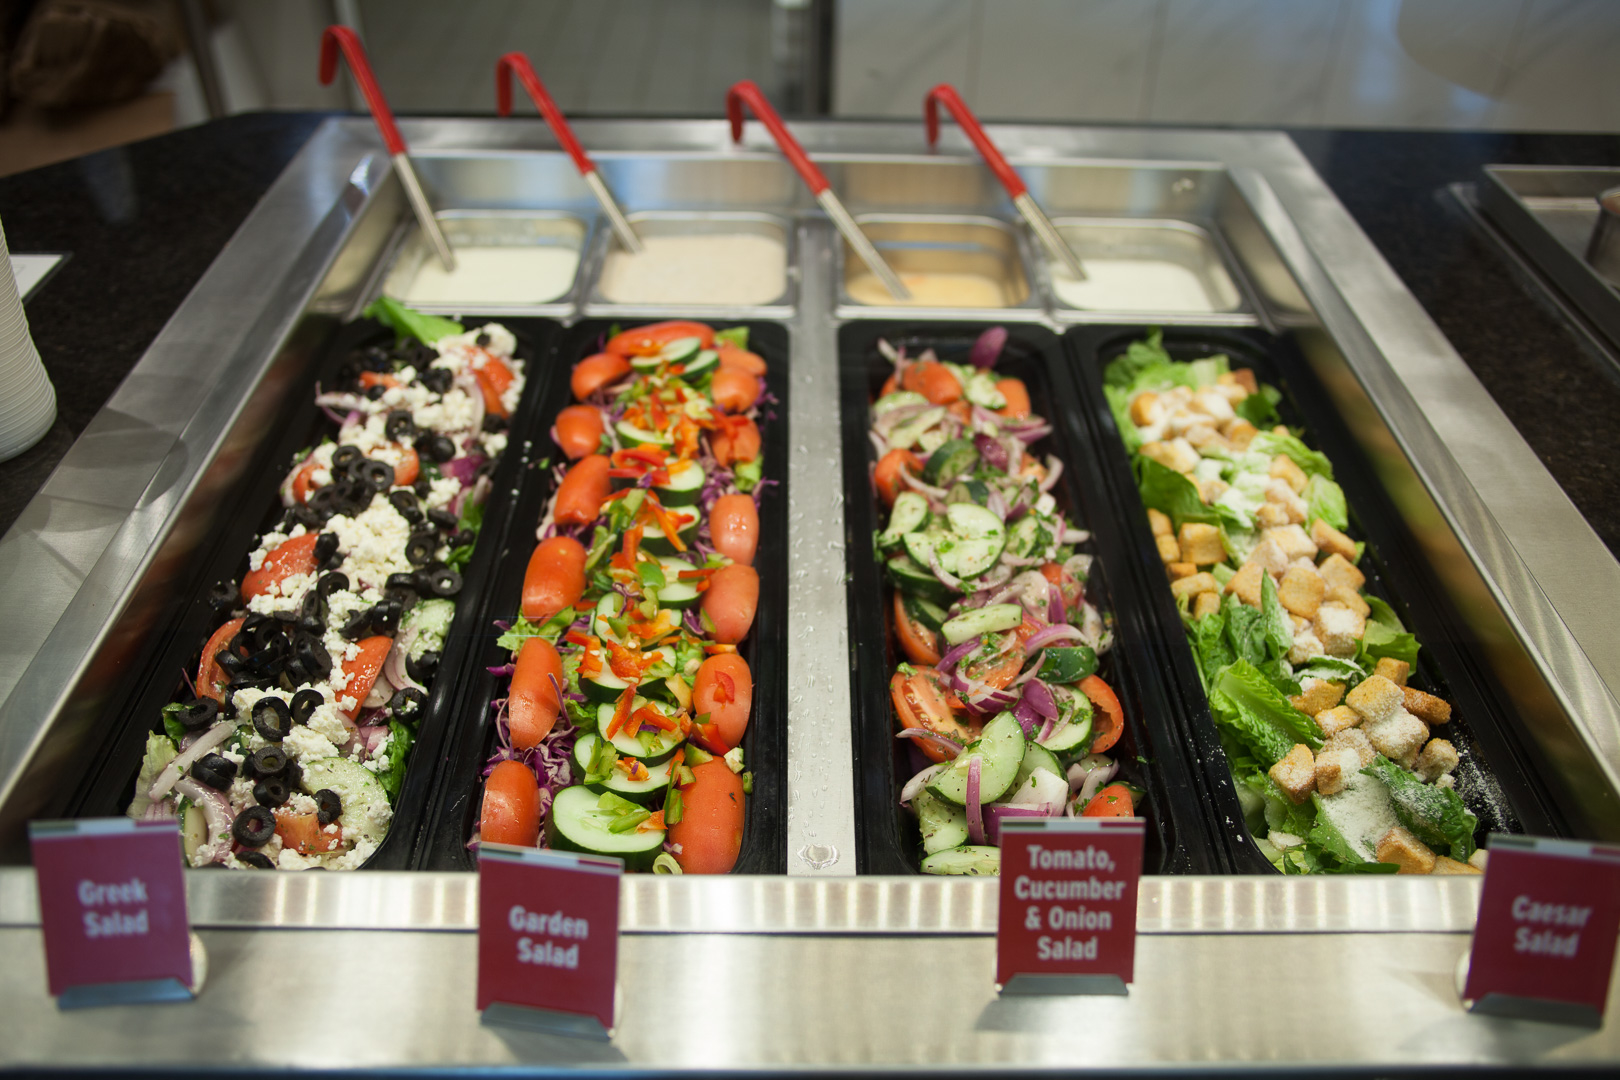 villa italian kitchen 655 state route 318 waterloo ny 13165 ypcom - Villa Italian Kitchen